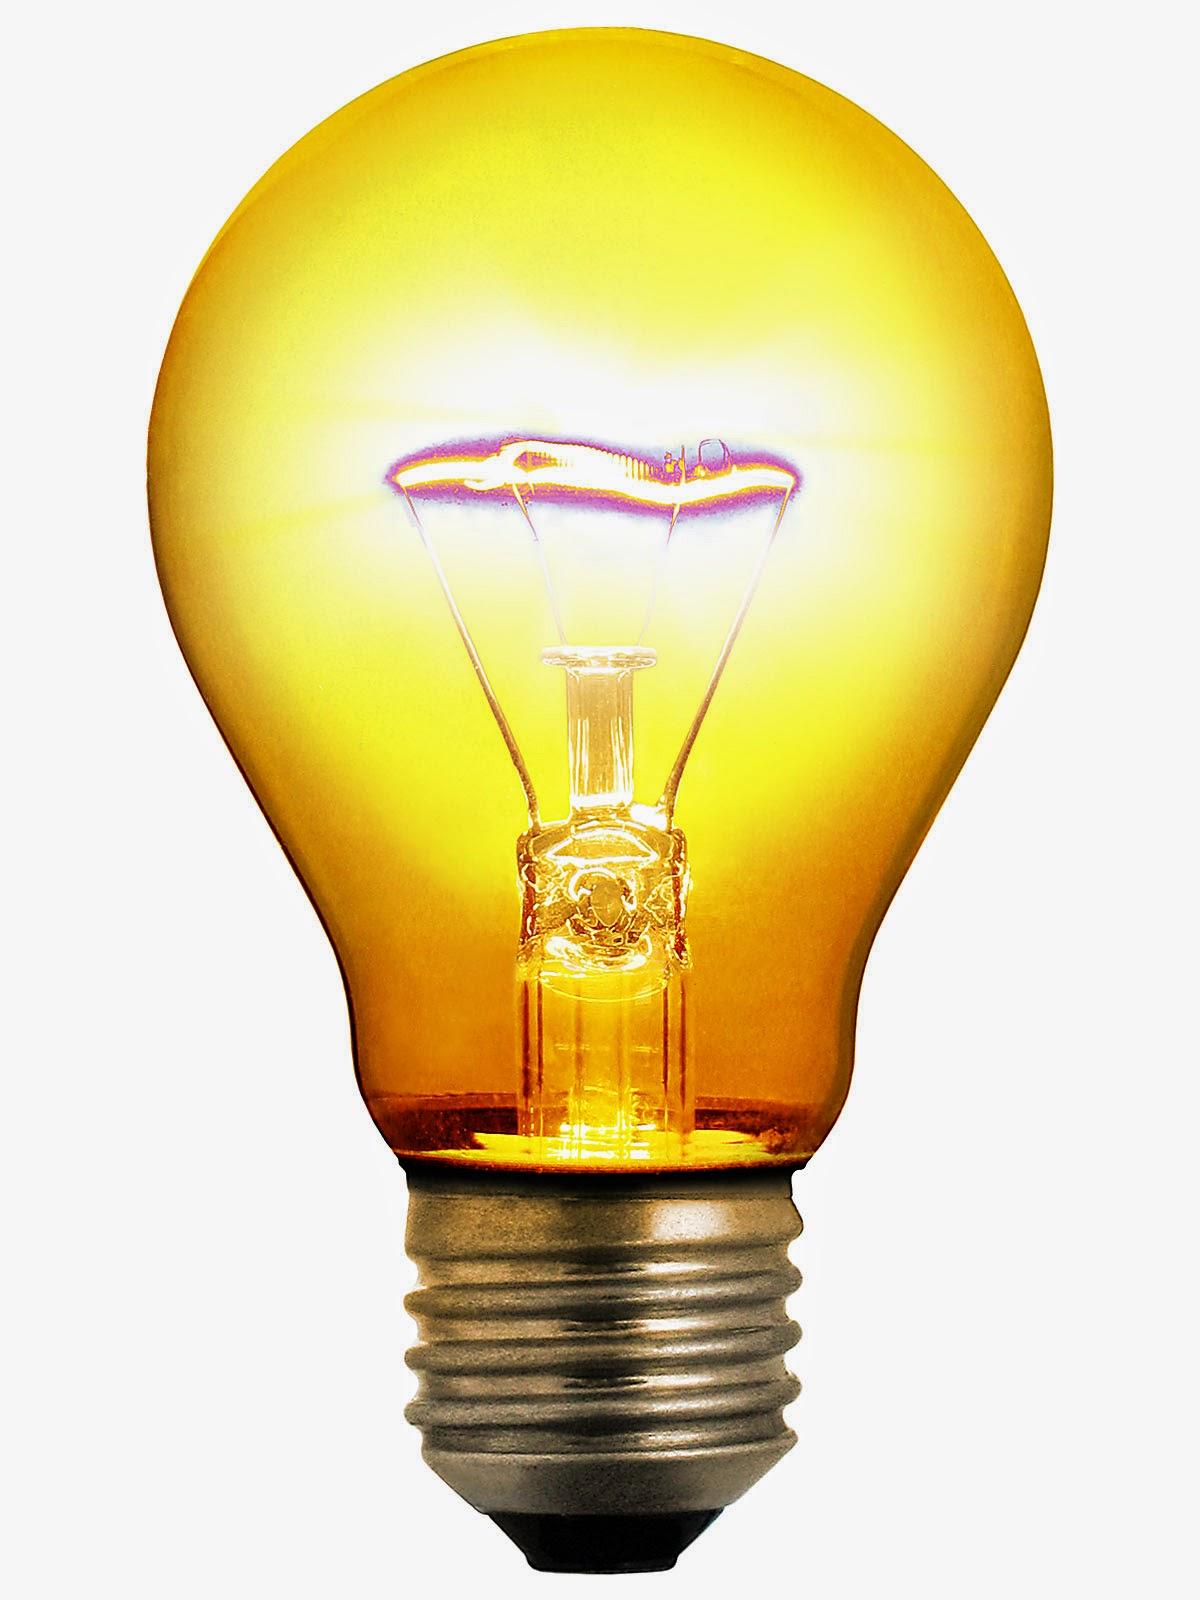 Perubahan Energi  Mari Belajar  Materi  Soal  Jawaban